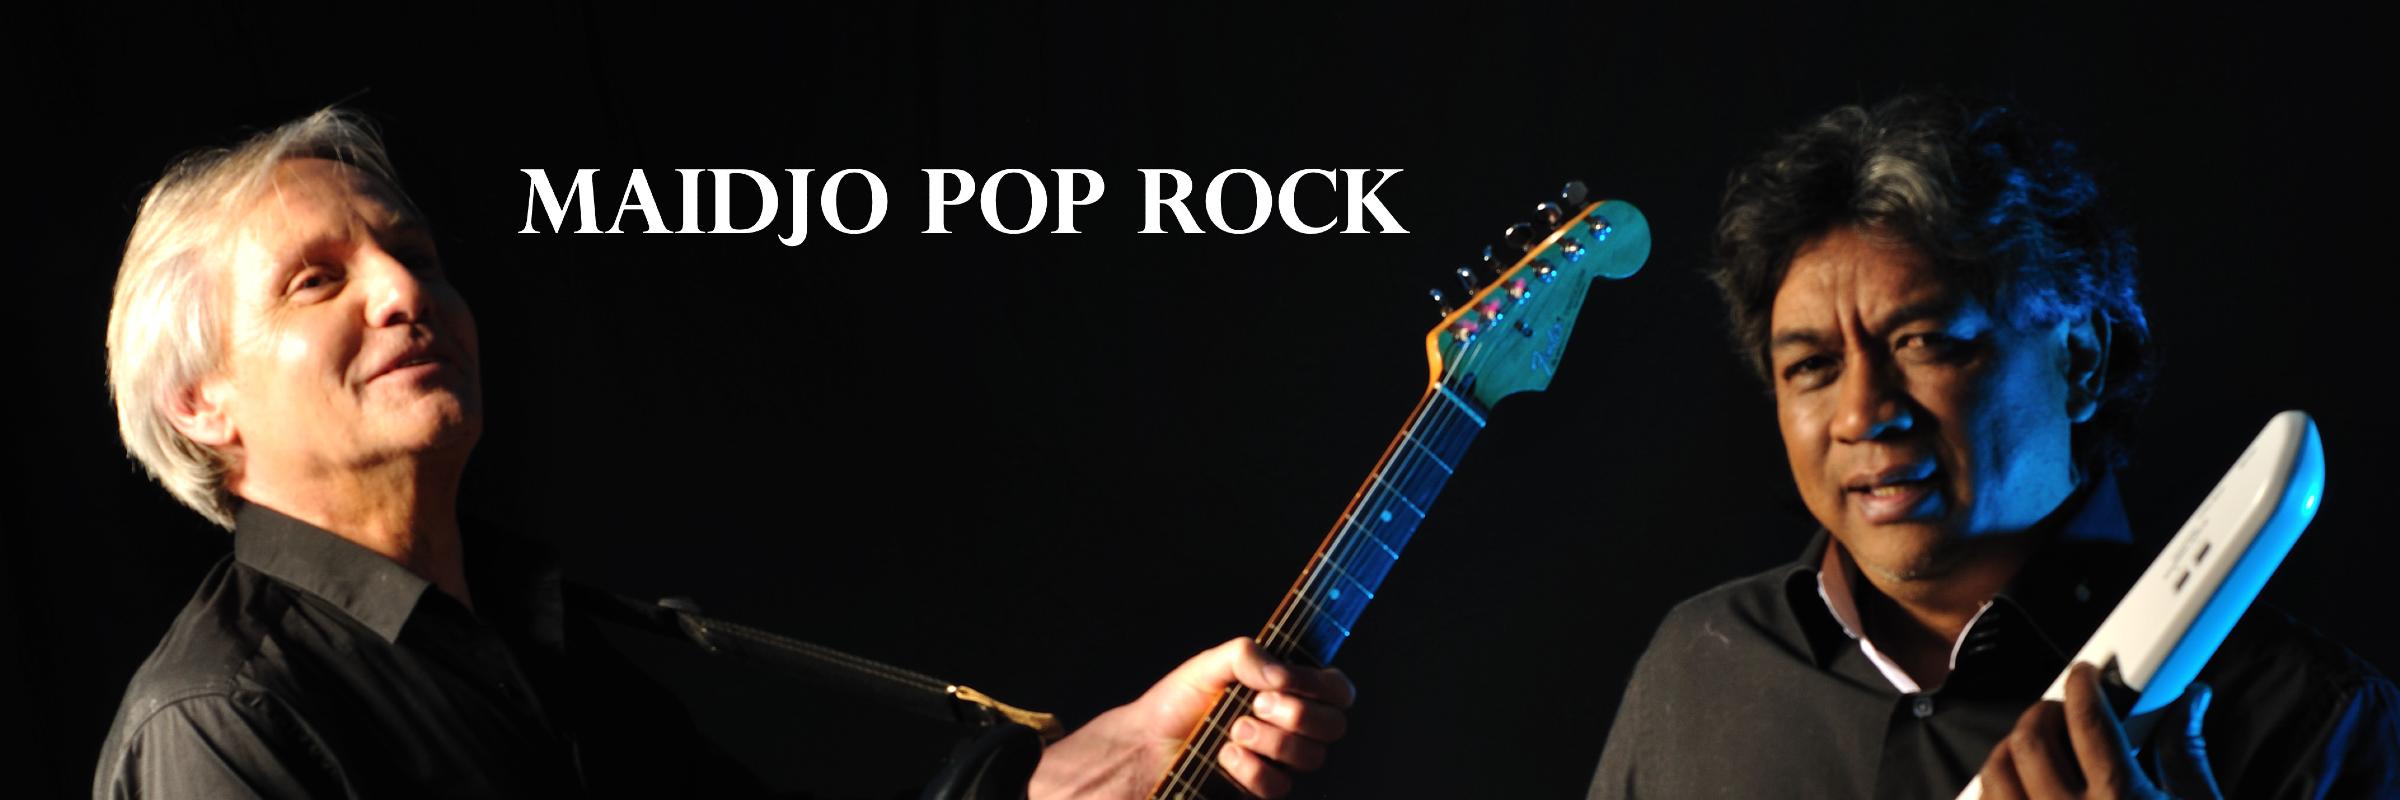 MAIDJO, musicien Pop en représentation à Loire Atlantique - photo de couverture